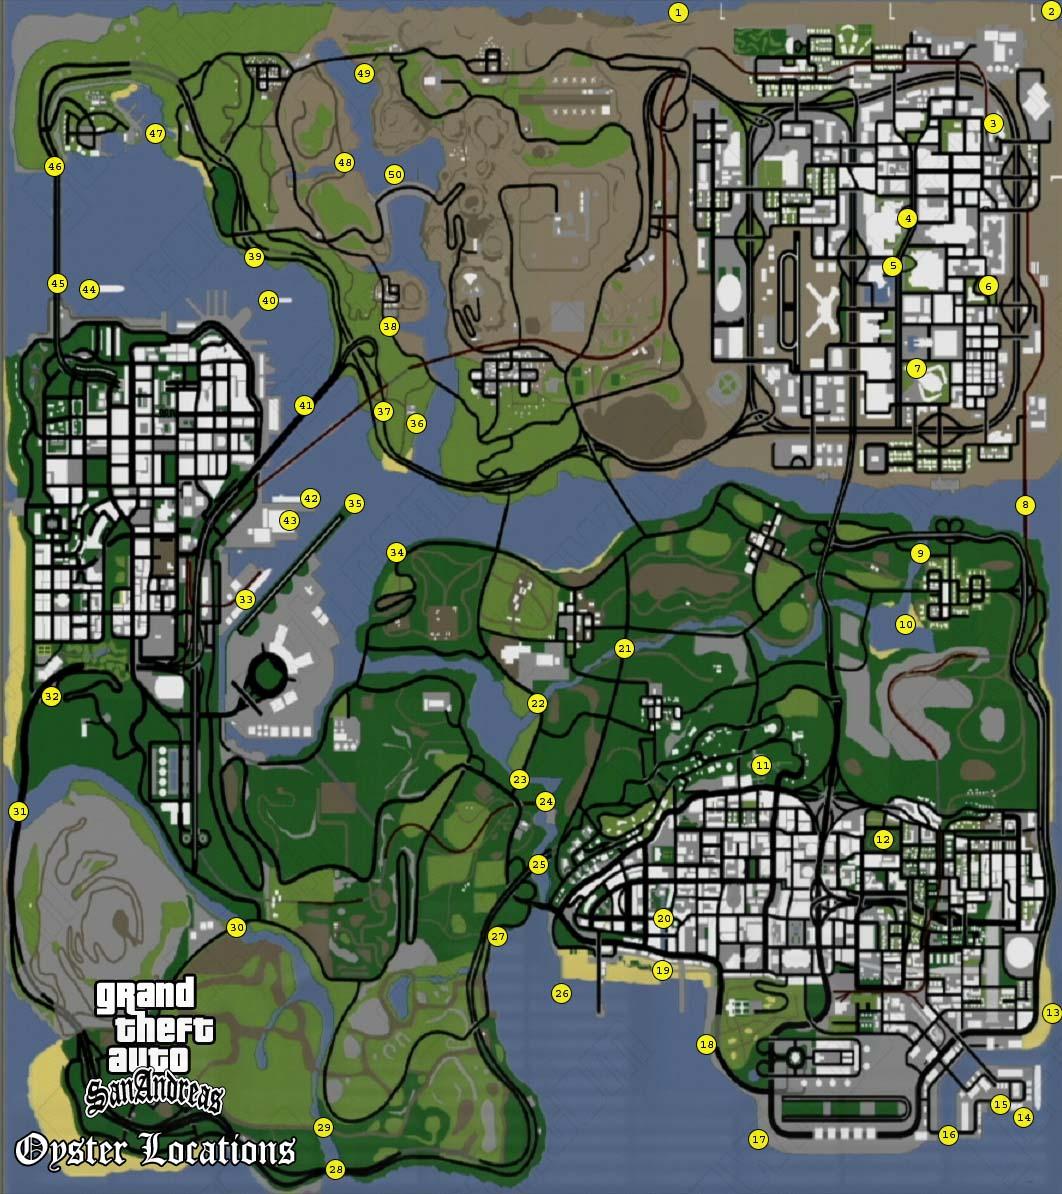 GTA : SAN ANDREAS Hidden&Secret Place